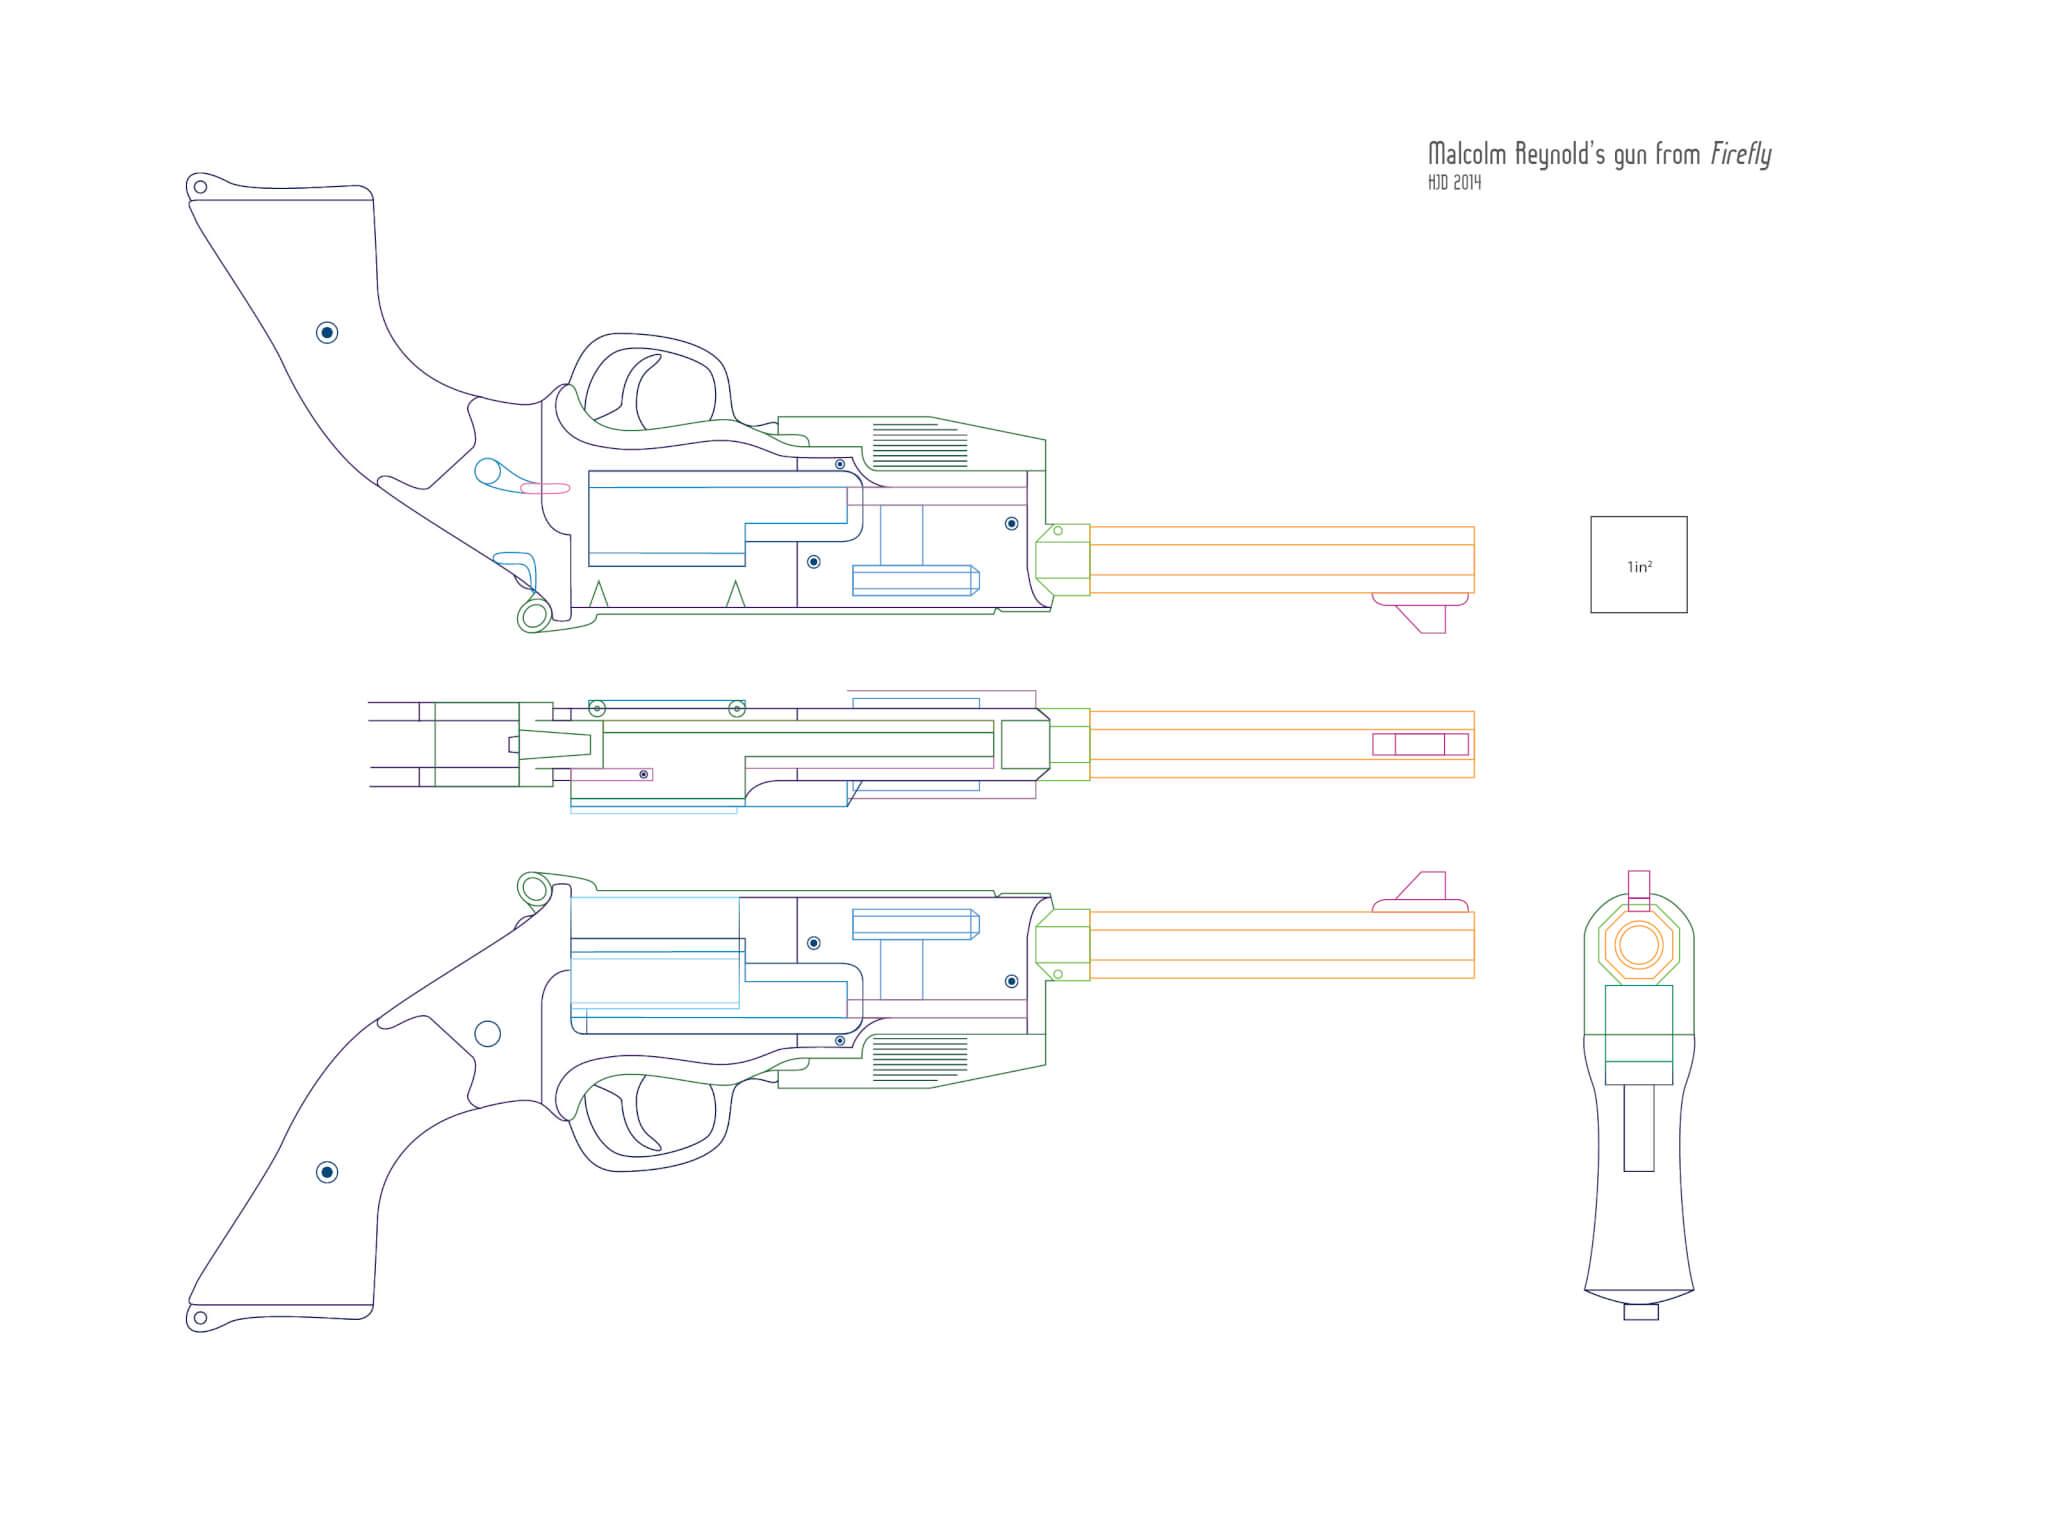 Blueprint For Mal S Gun